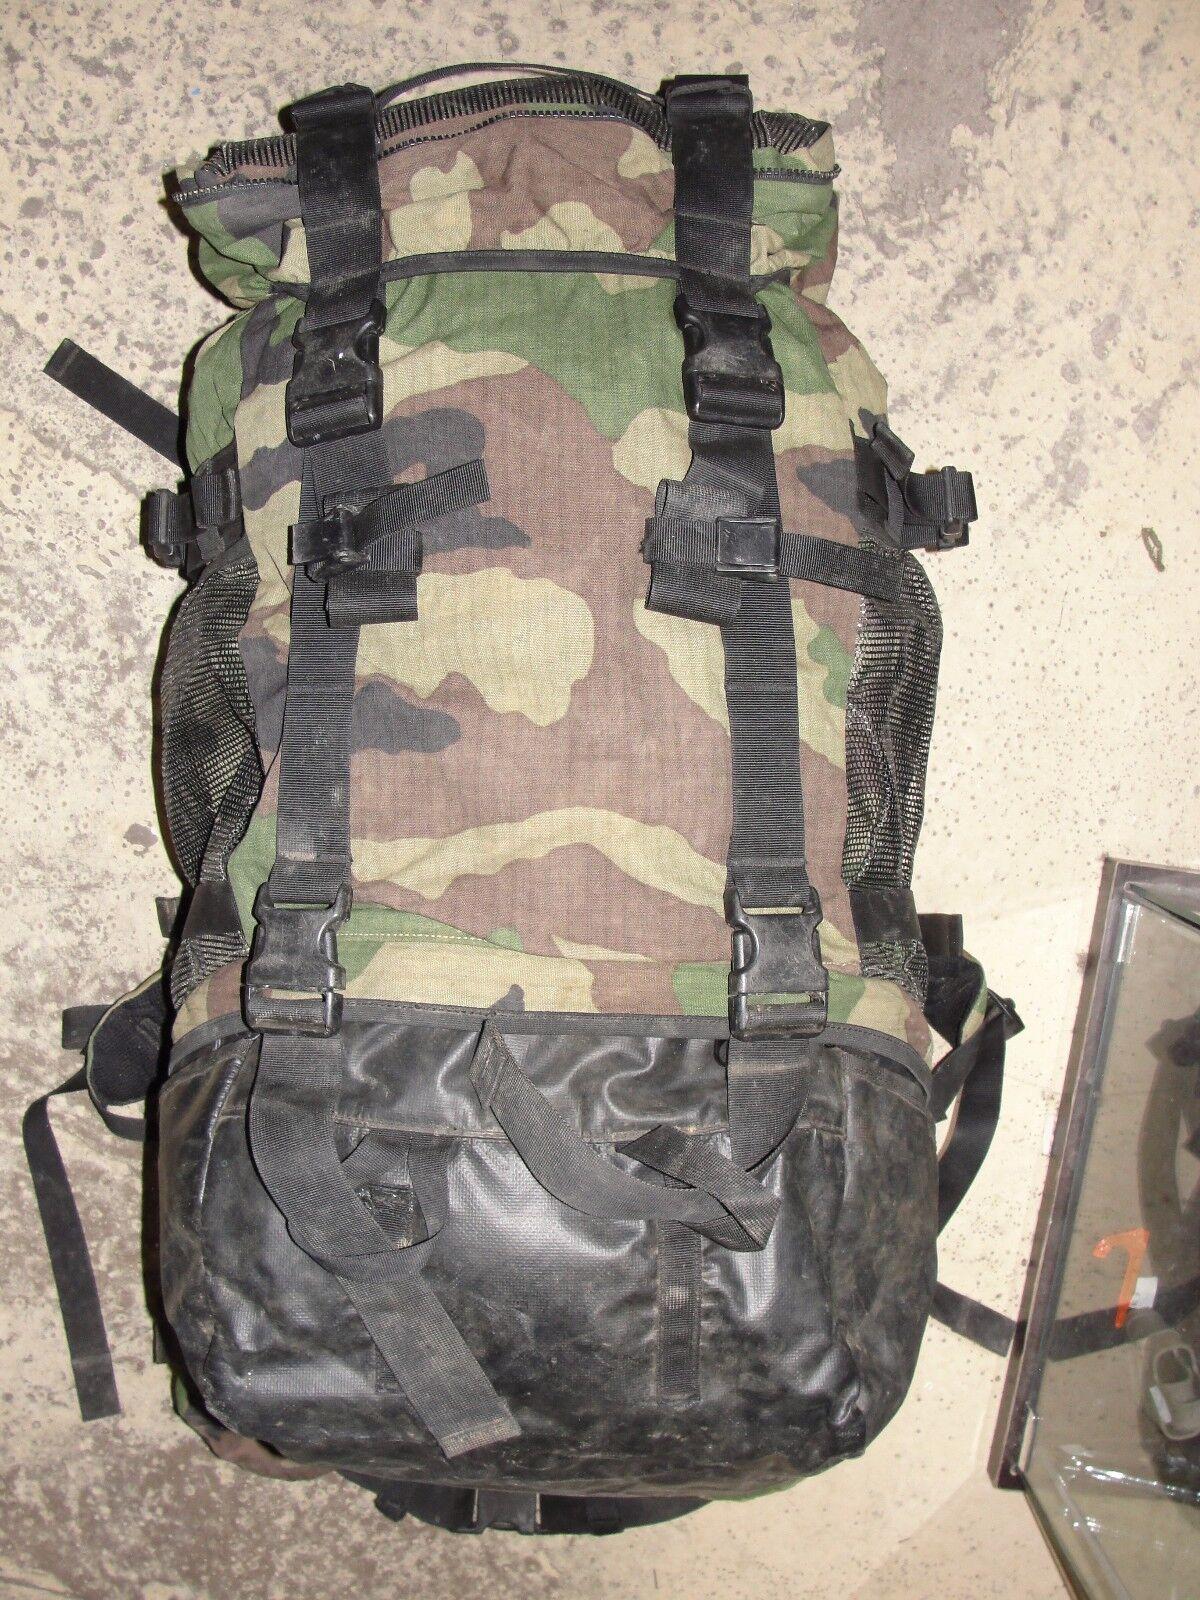 Sac  à dos Chasseur Alpin camouflage C E camo centre Europe Armée Française cam  promociones emocionantes